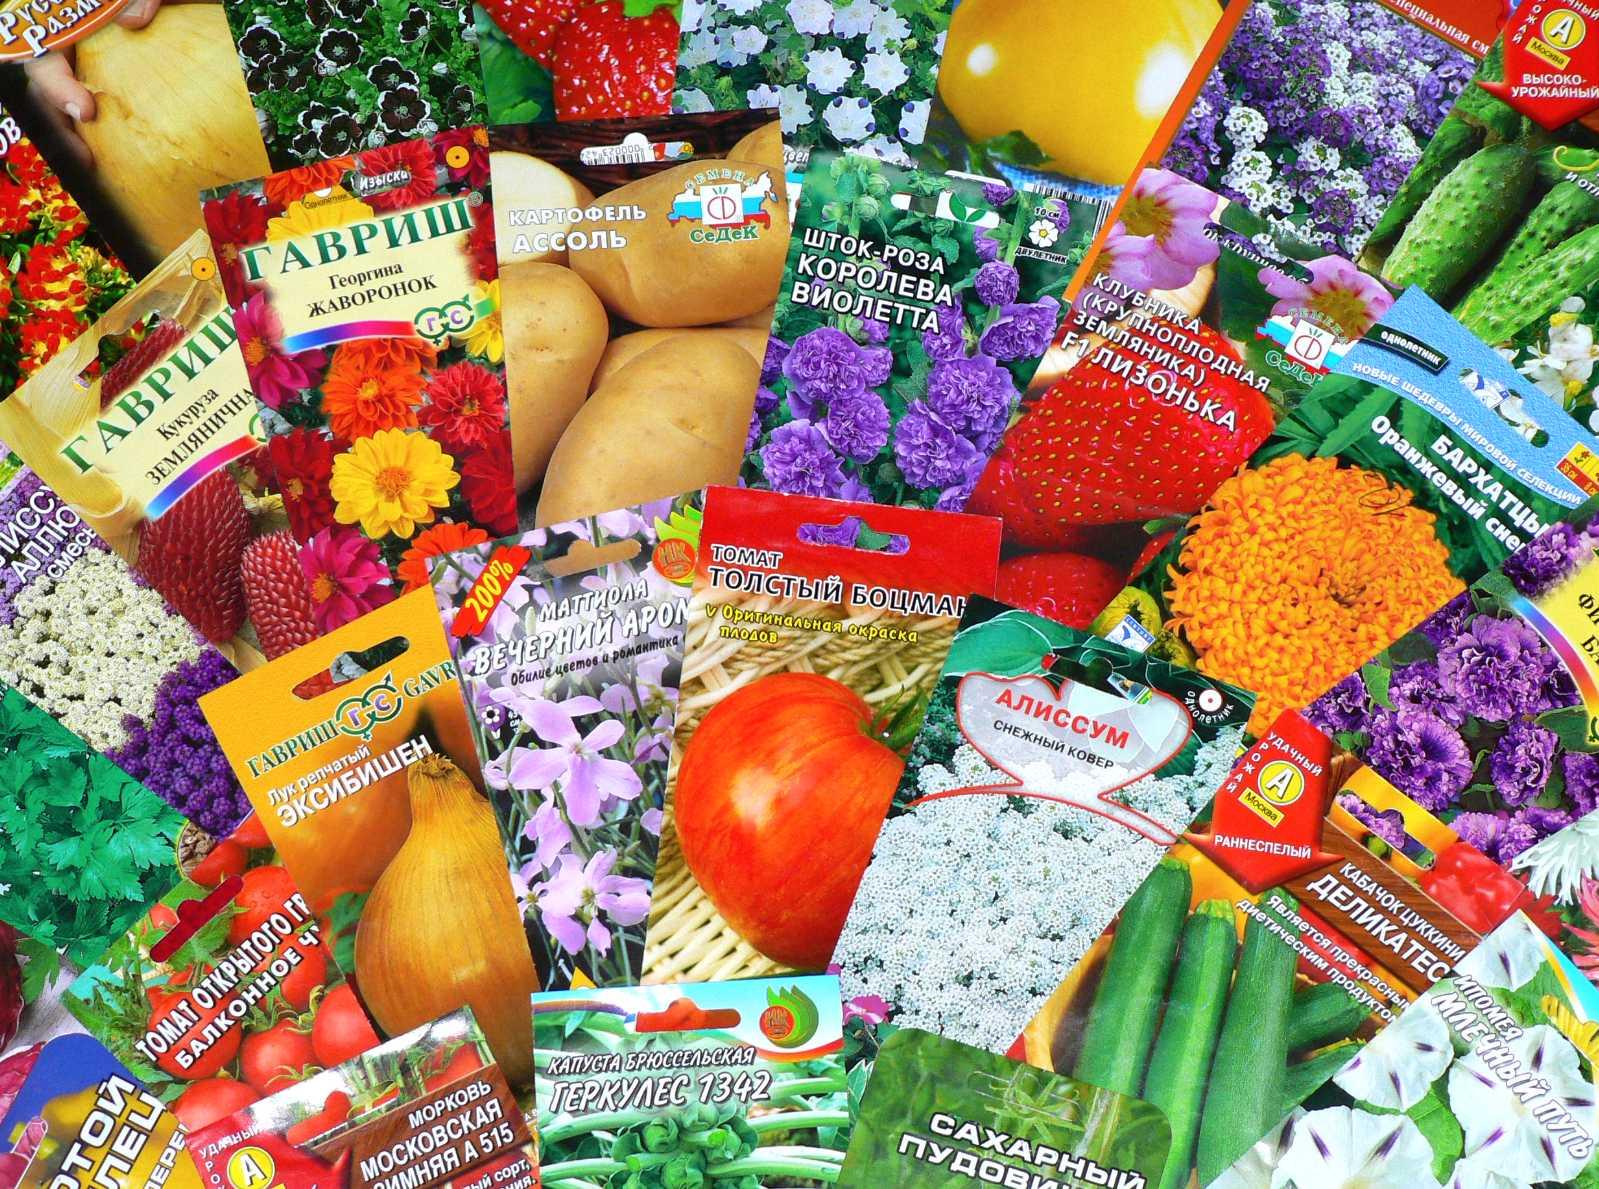 Покупка семян в интернет-магазине «Семена Оптом» | Статьи от партнеров |  Понедельник. Все главные события и новости Тольятти